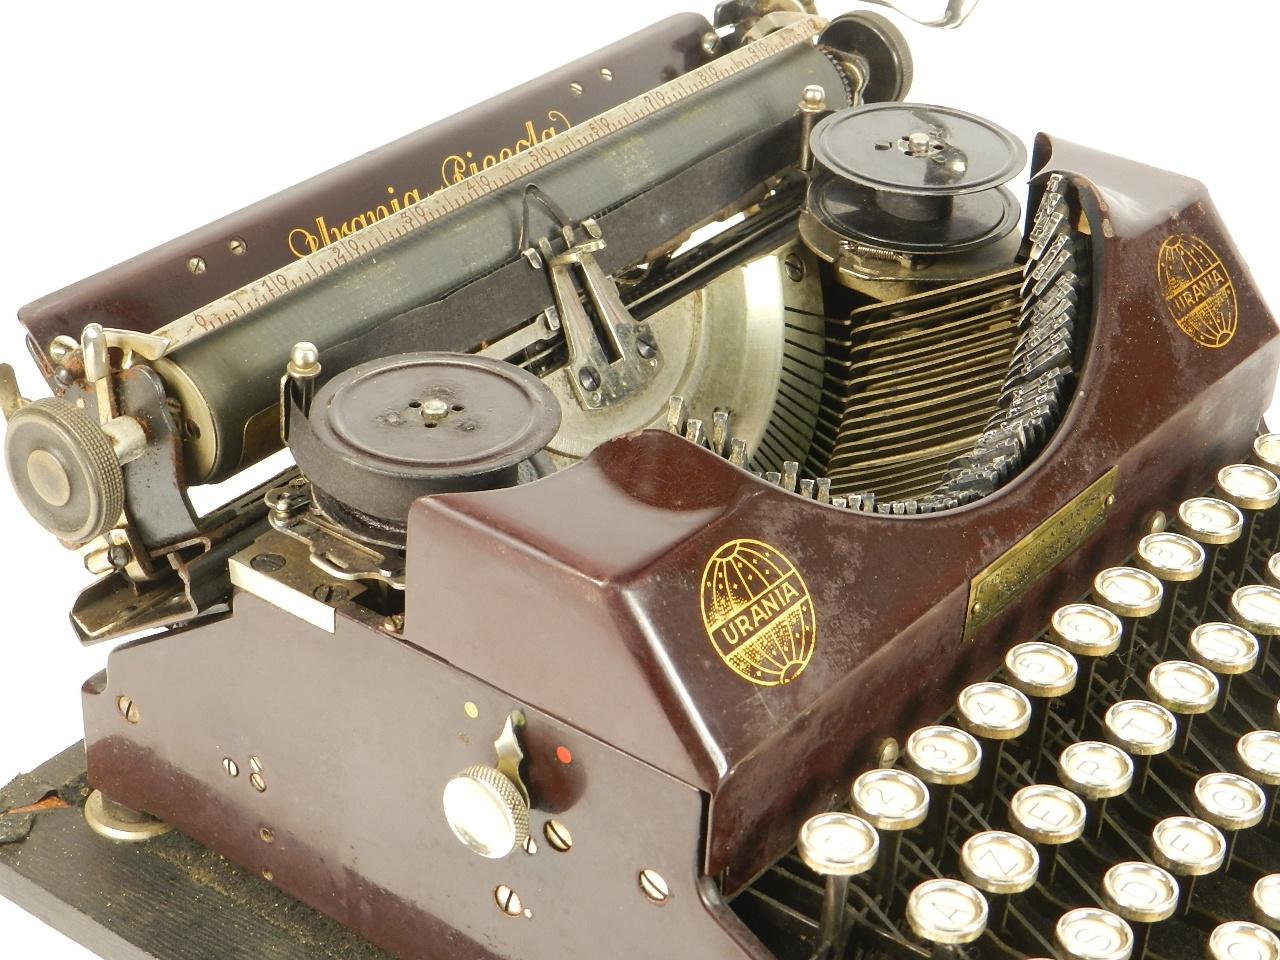 Imagen RARA URANIA PICCOLA AÑO 1926 COLOR GRANATE 34603